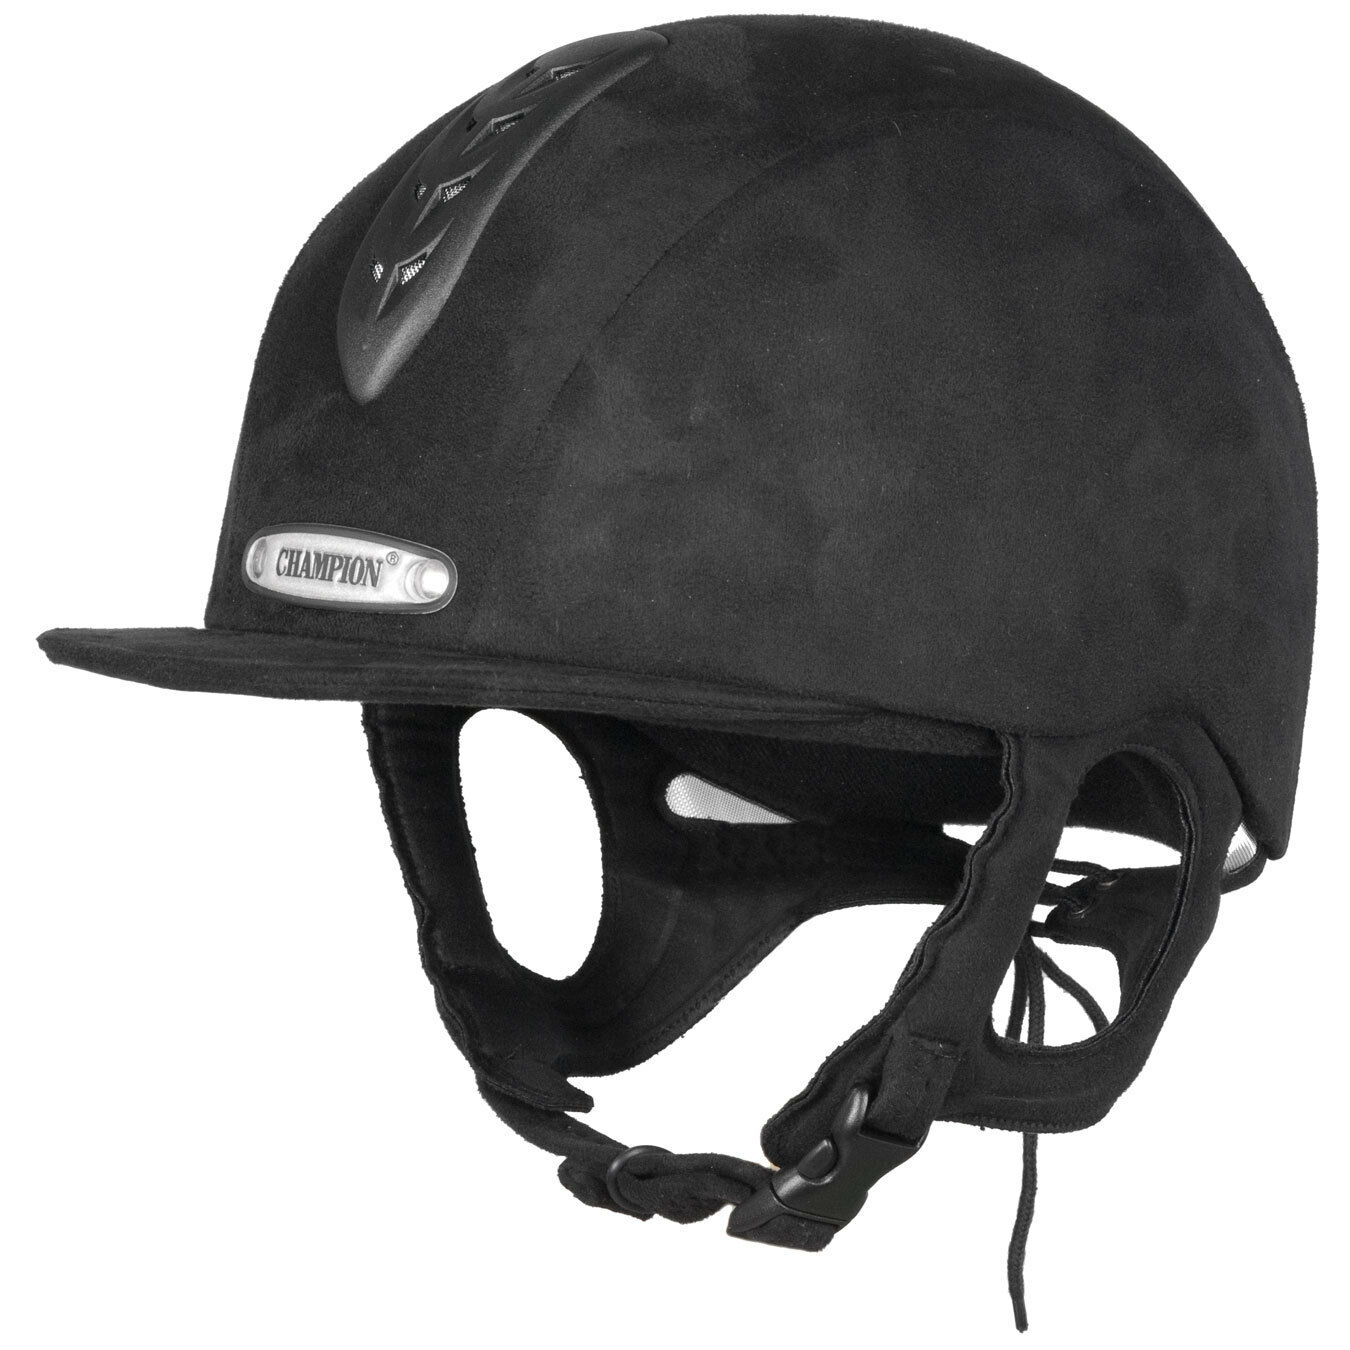 CHAMPION Jnr adulti X-Air Cappello da equitazione ventilato, tutte le taglie, nero, nuovo PAS015 vendita